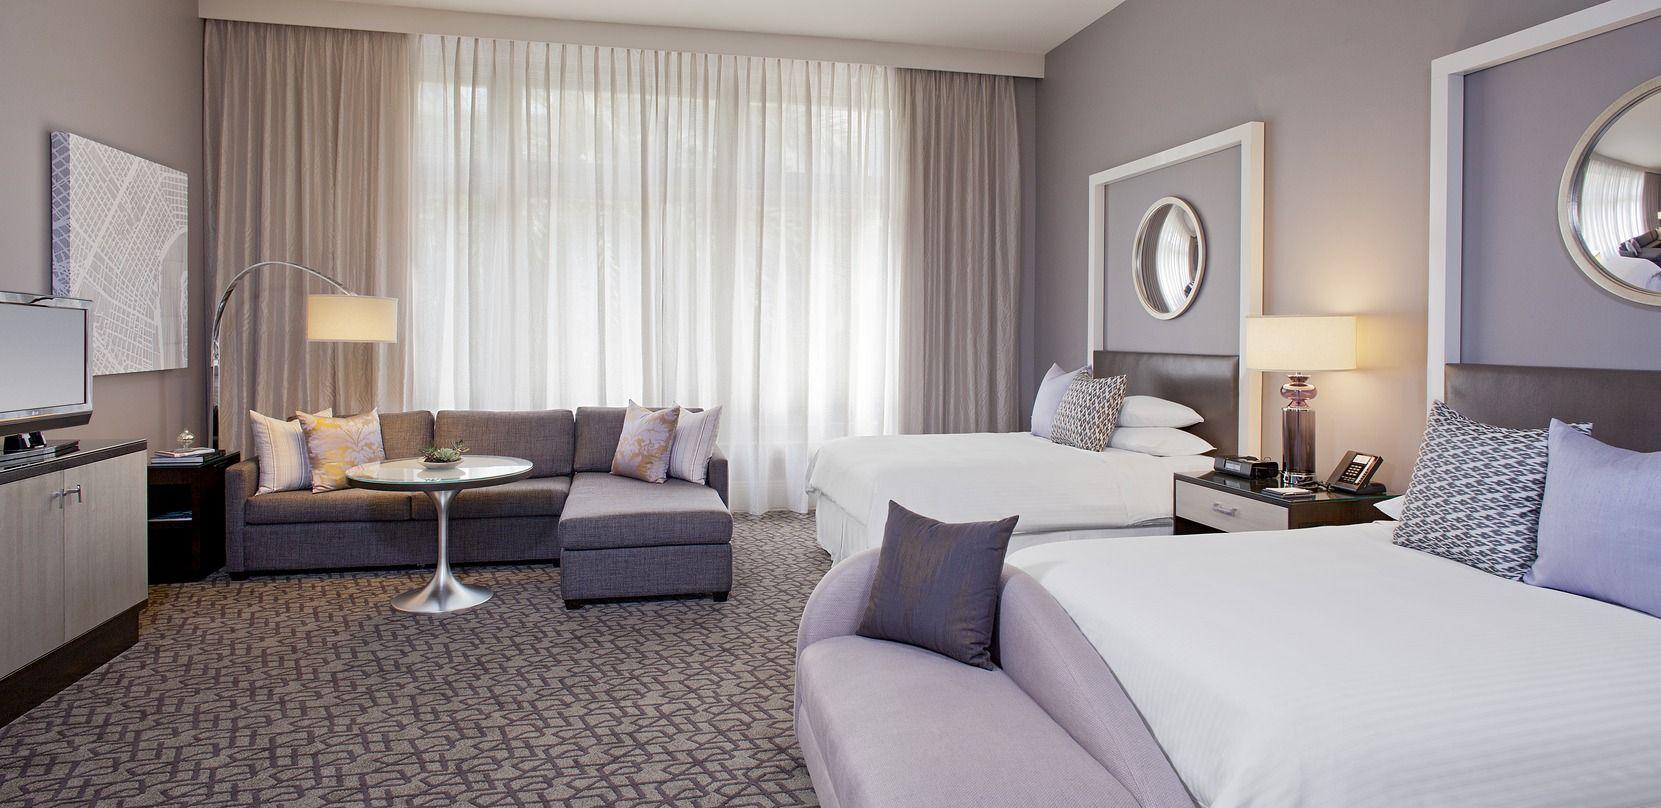 Feel completely at home at the Hyatt French Quarter.@Hyatt Hotels & Resorts and #HyattFreeTime